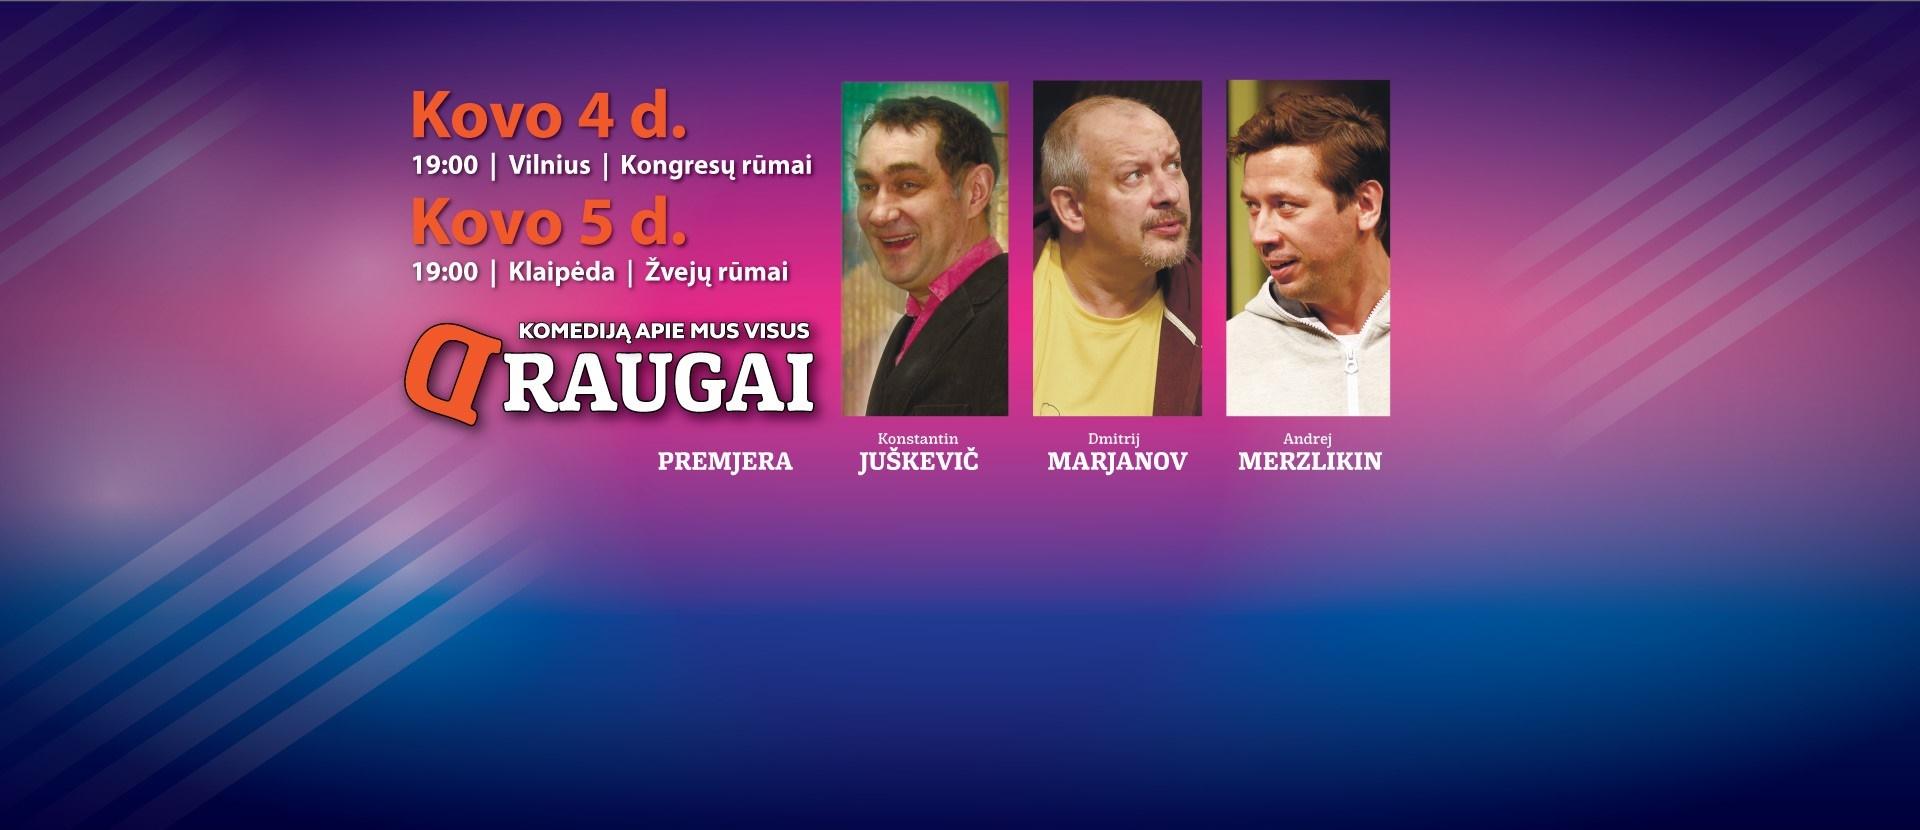 """Teatro komedija """"DRAUGAI"""" (""""ДРУЗЬЯ"""")"""